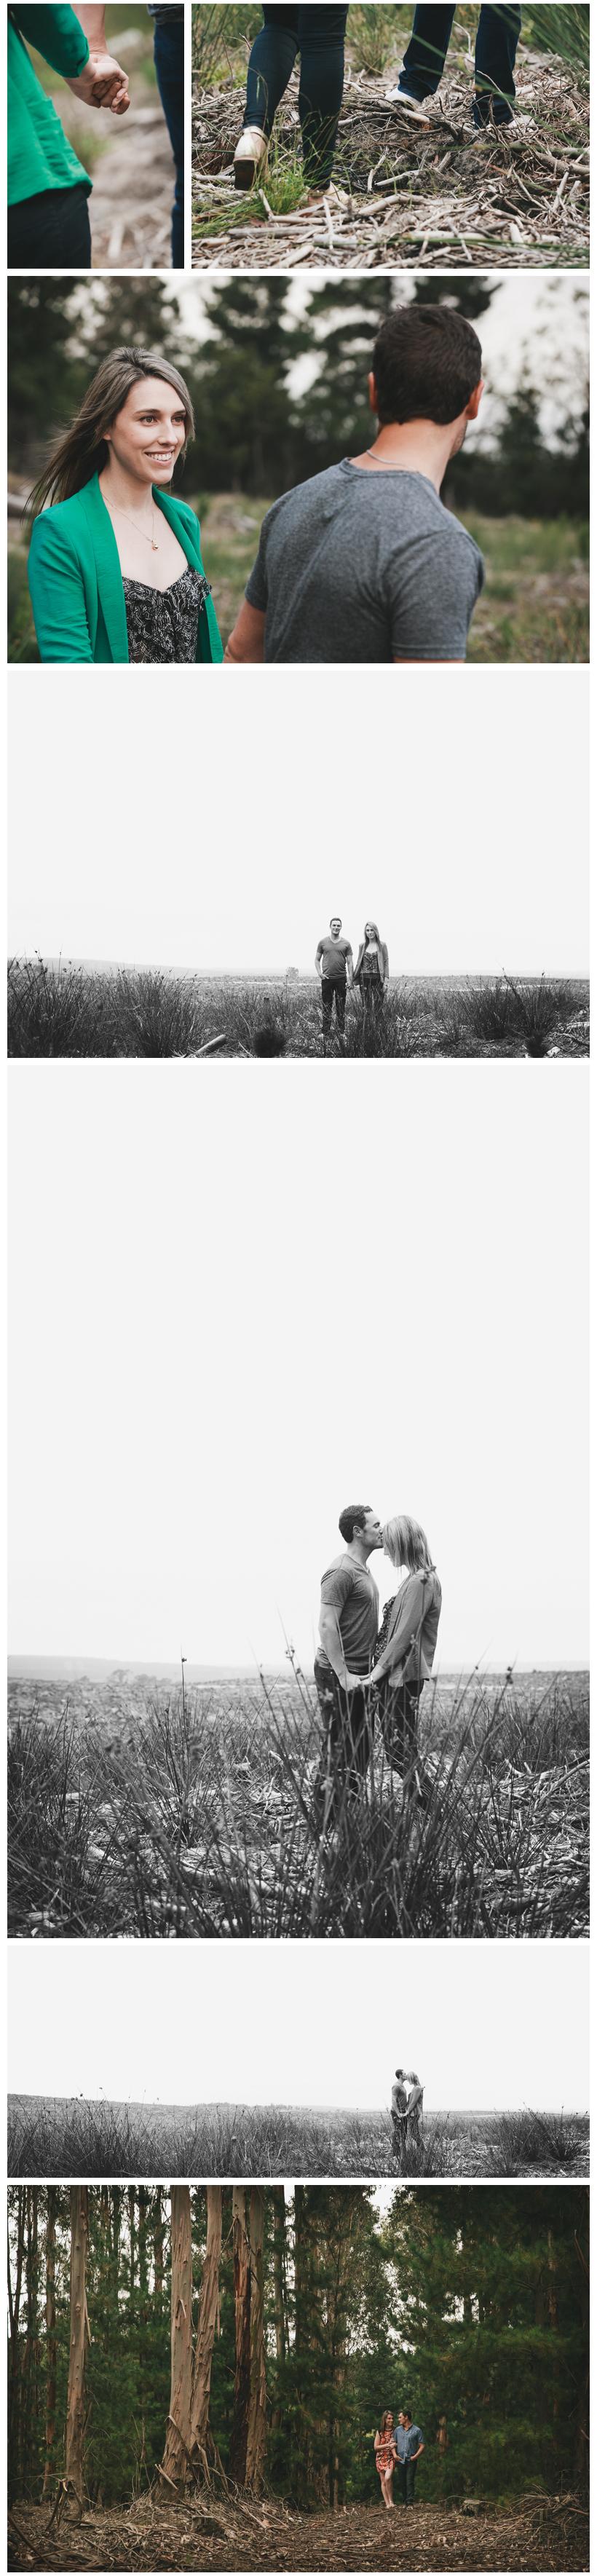 Haute Photography, engagement shoot, e-shoot, couples shoot, Danae Studios